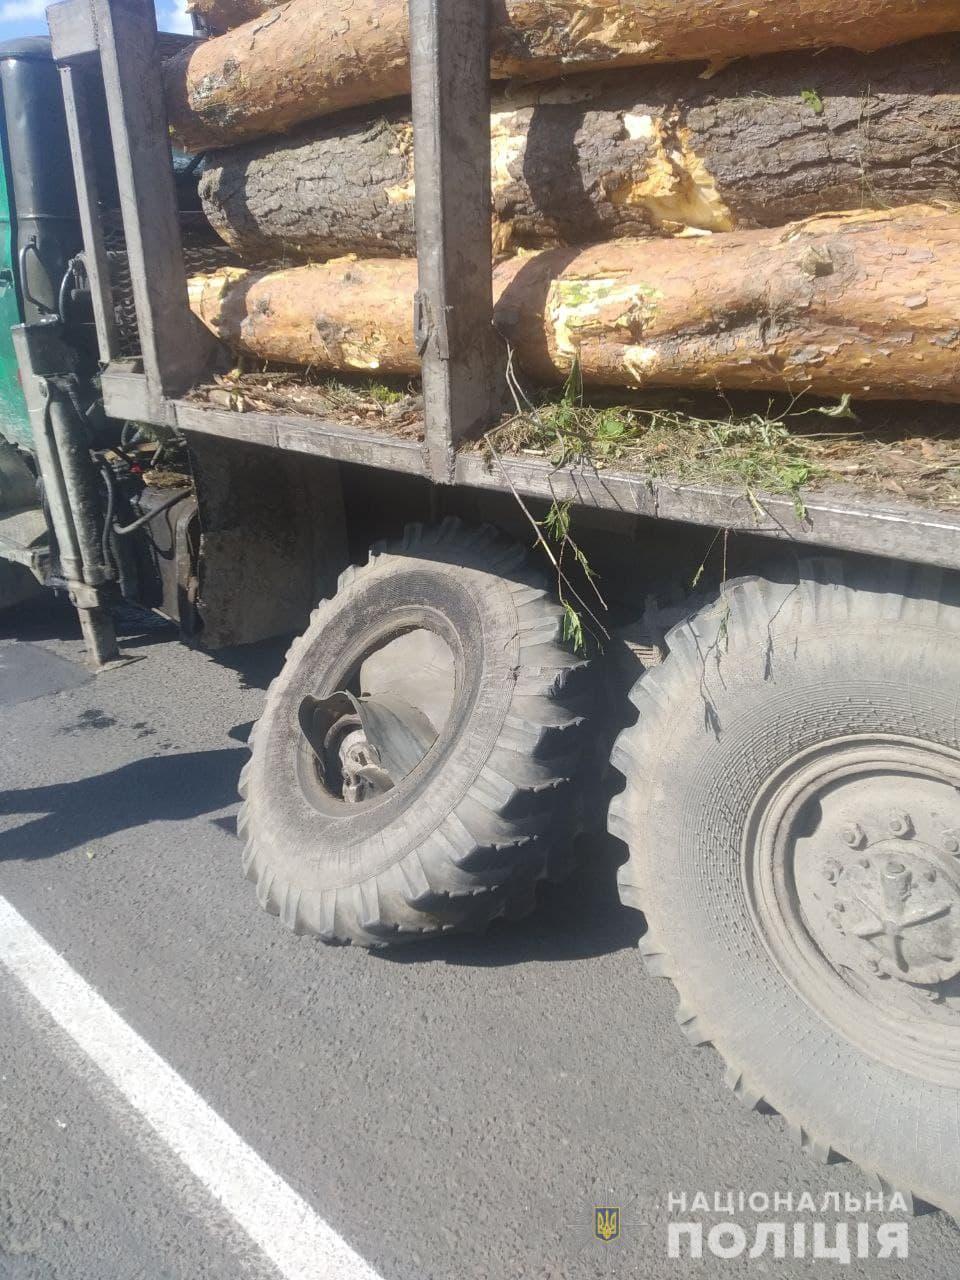 Племянника спасло чудо: новые детали трагедии под Ровно, где колесо грузовика убило пешехода